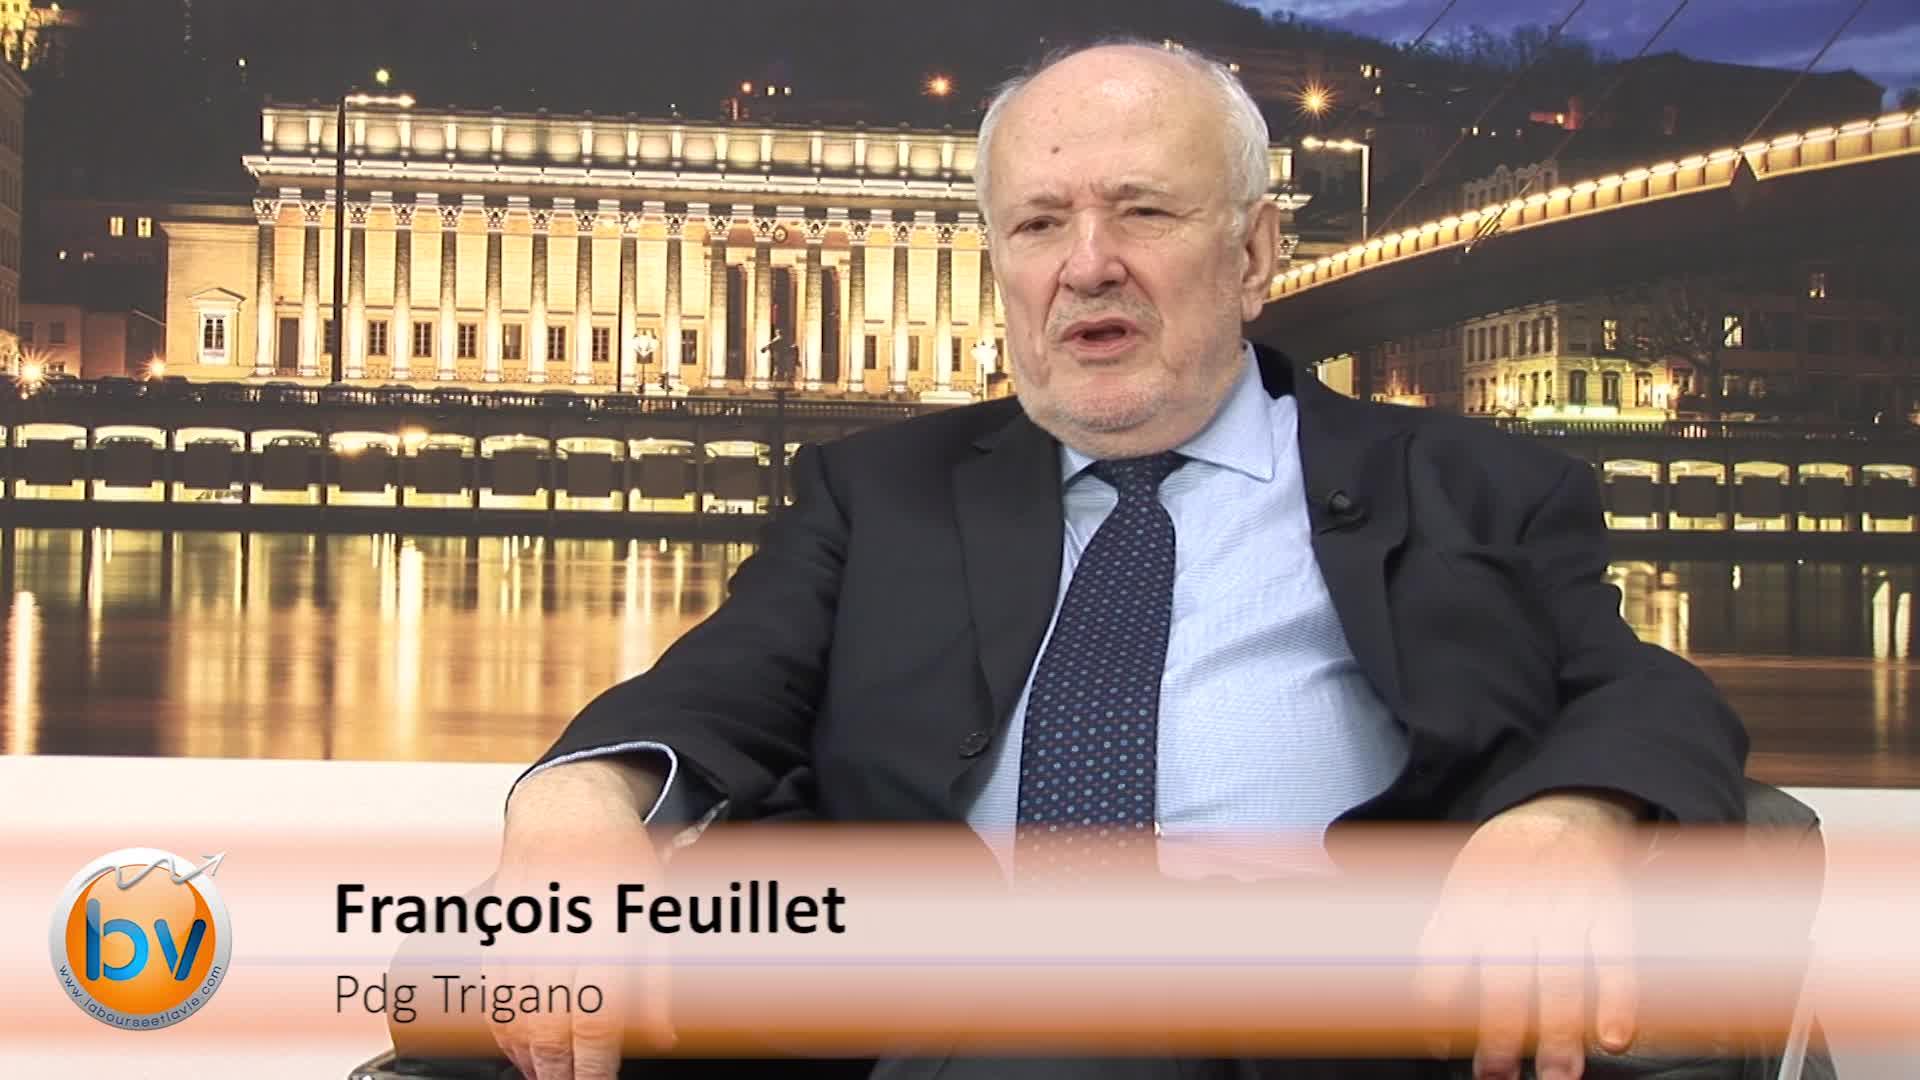 François Feuillet Pdg Trigano : «Un portefeuille de commandes important»